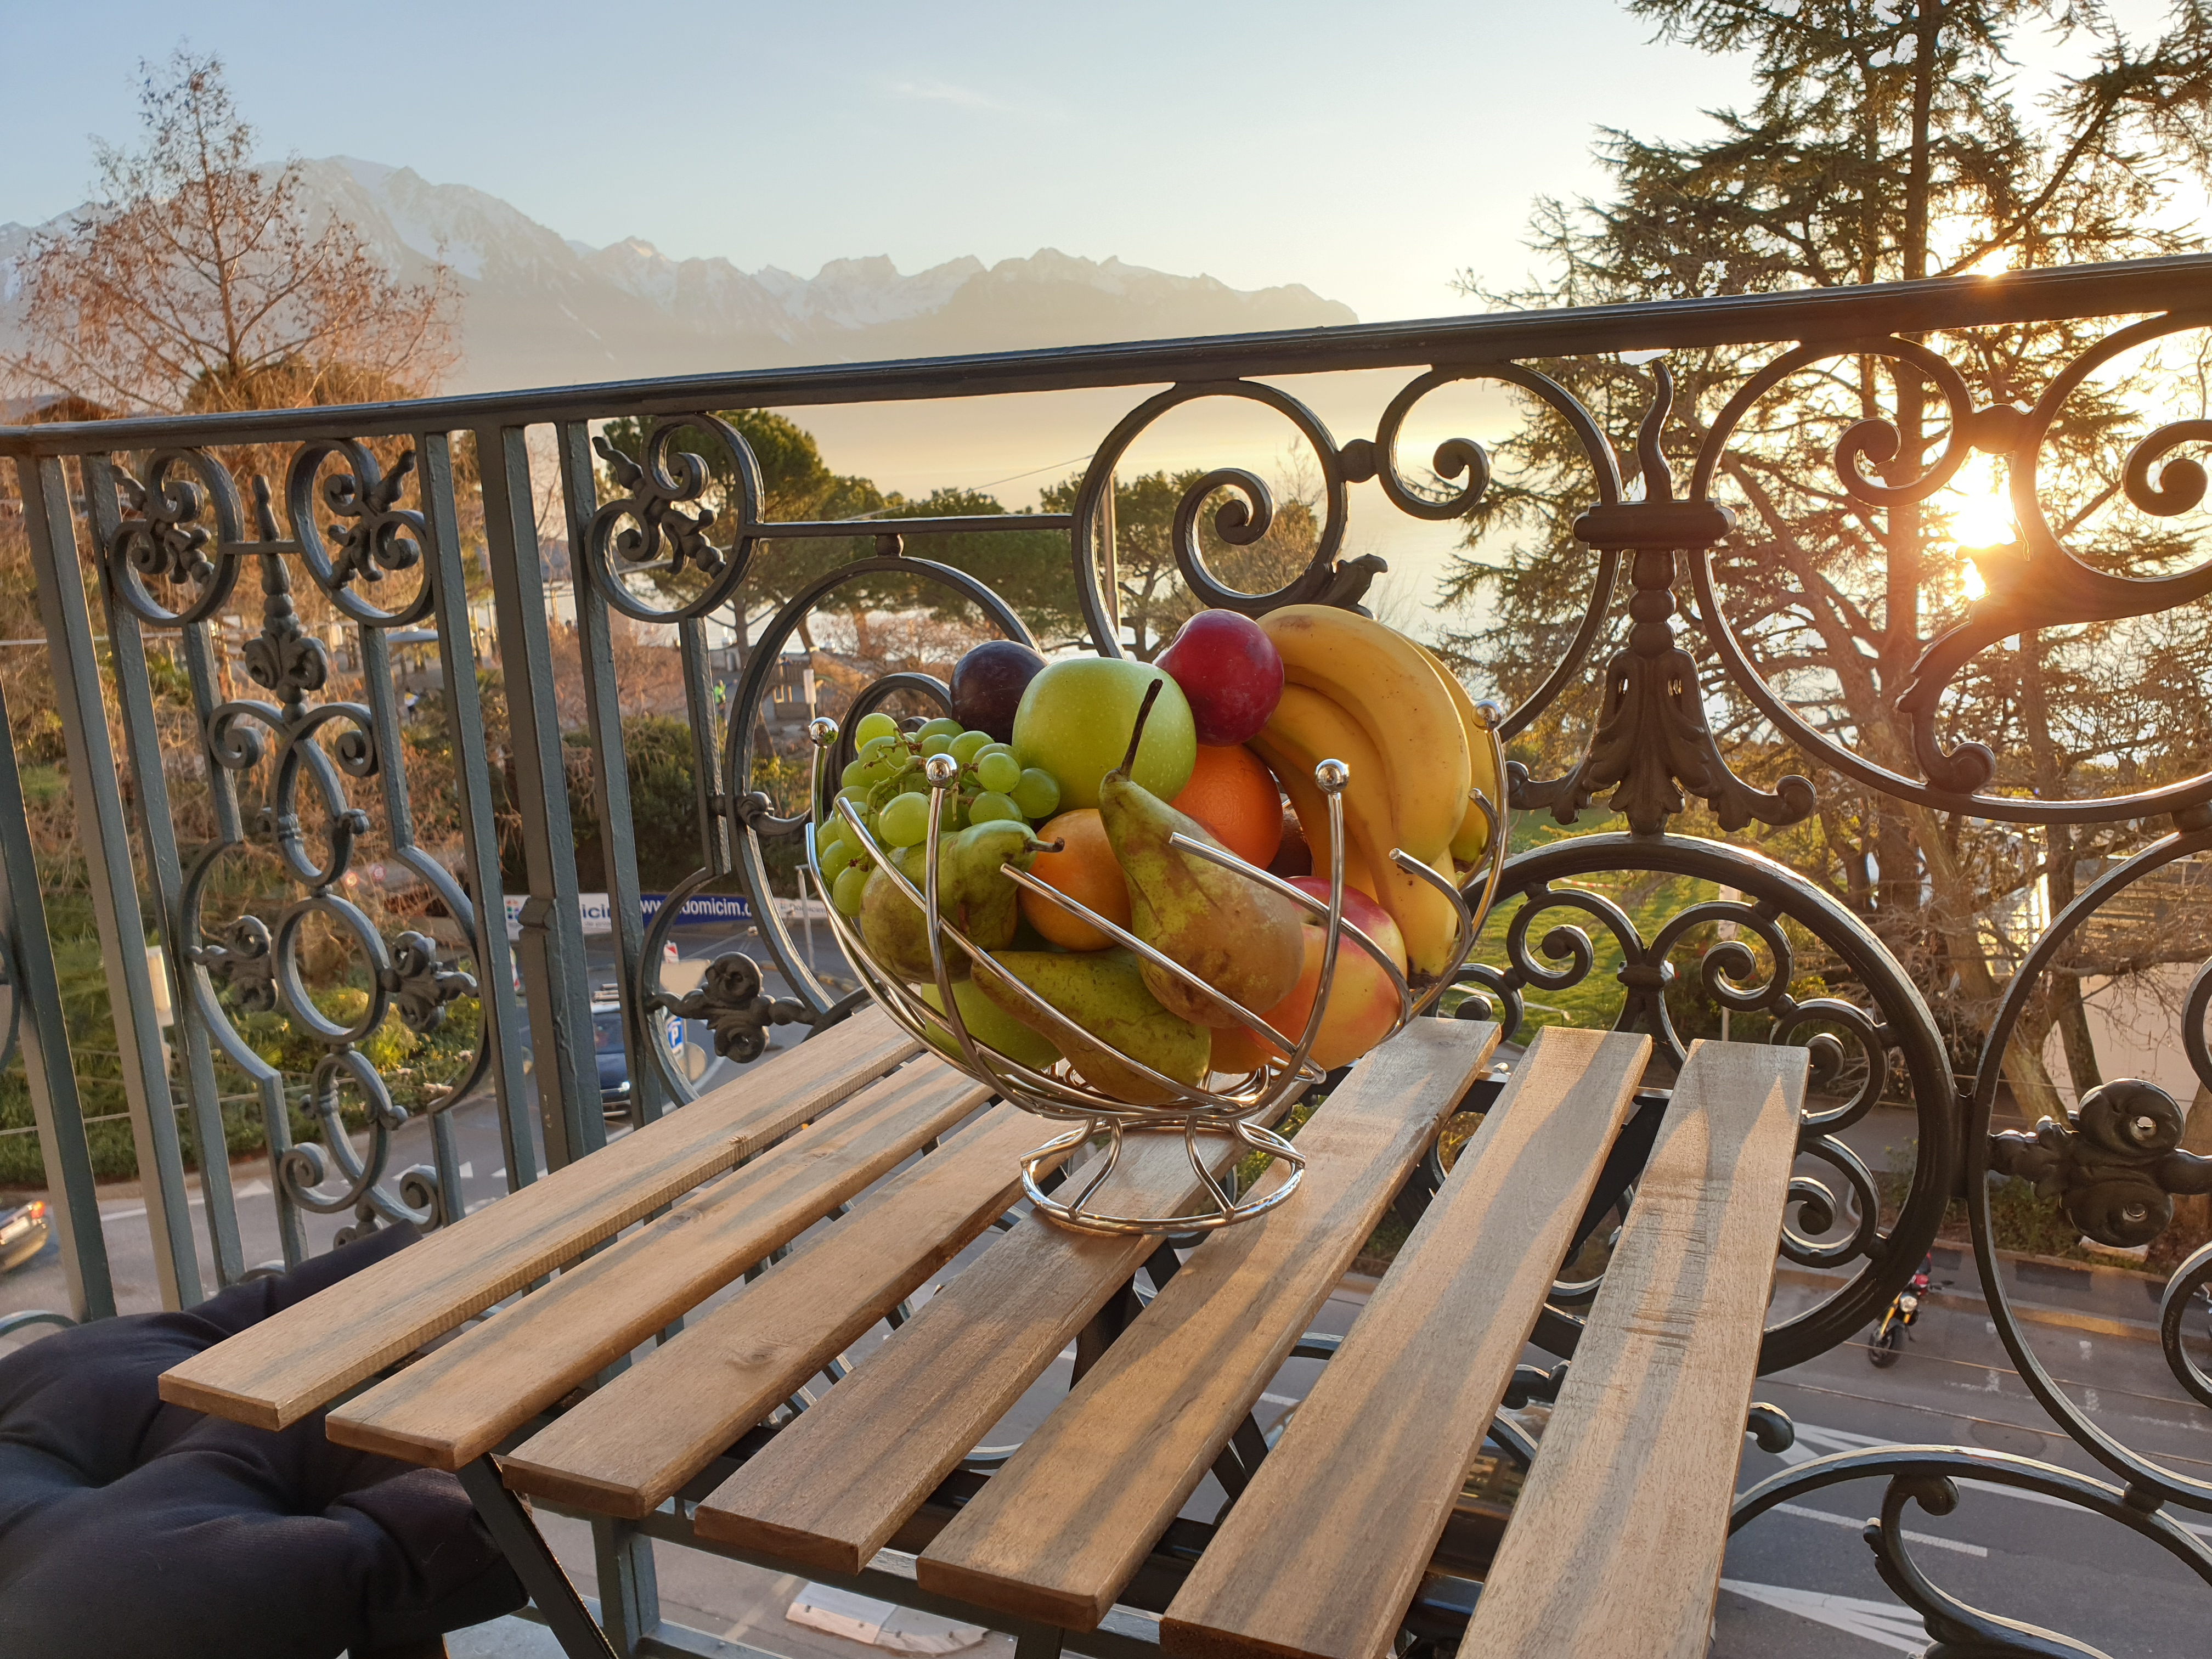 247 Concierge Montreux Grand Rue - 2 Bed Apt. No.2, Pays-d'Enhaut